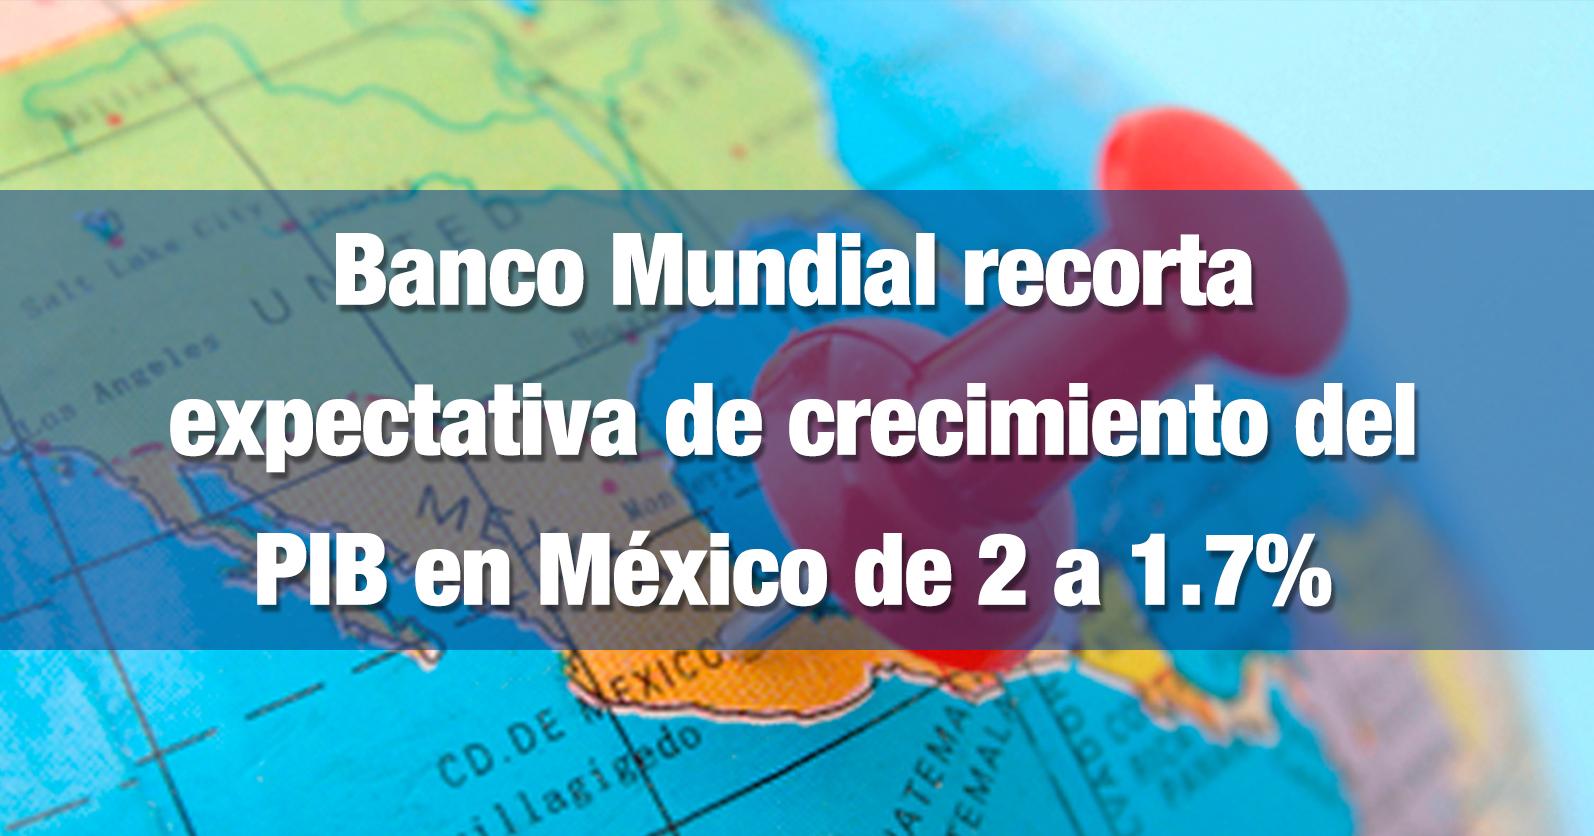 Banco Mundial recorta expectativa de crecimiento del PIB en México de 2 a 1.7%